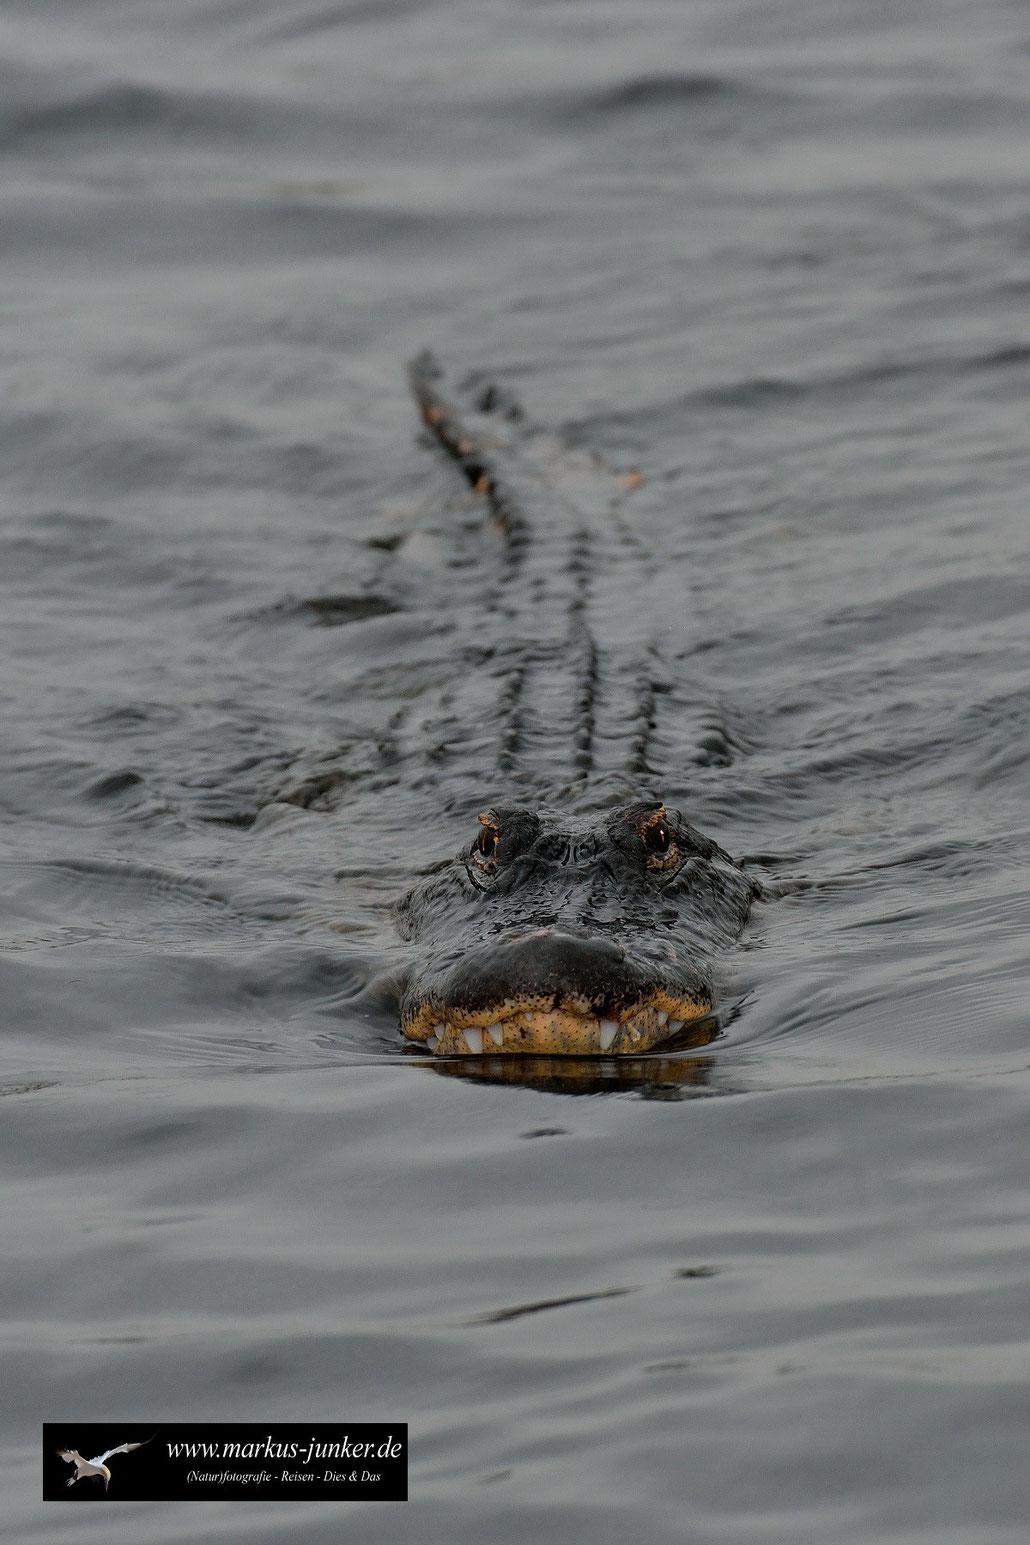 Alligator mississippiensis, Mississippi-Alligator, Alligator, Gator